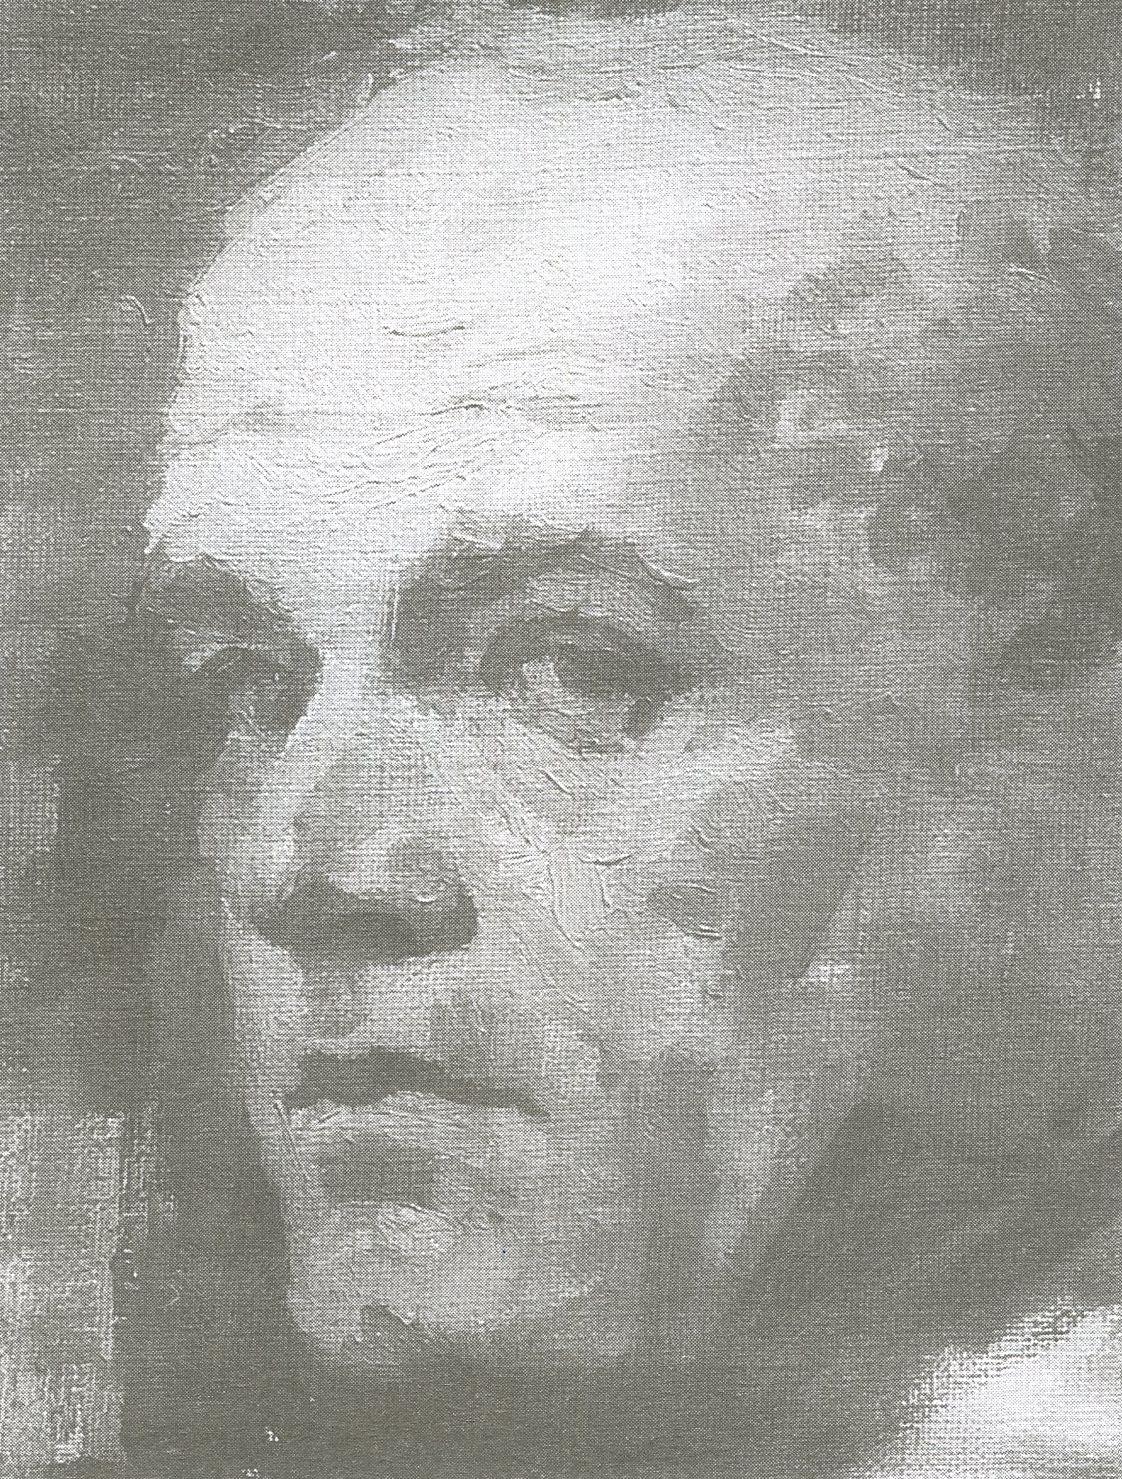 І.Літинський. Автопортрет